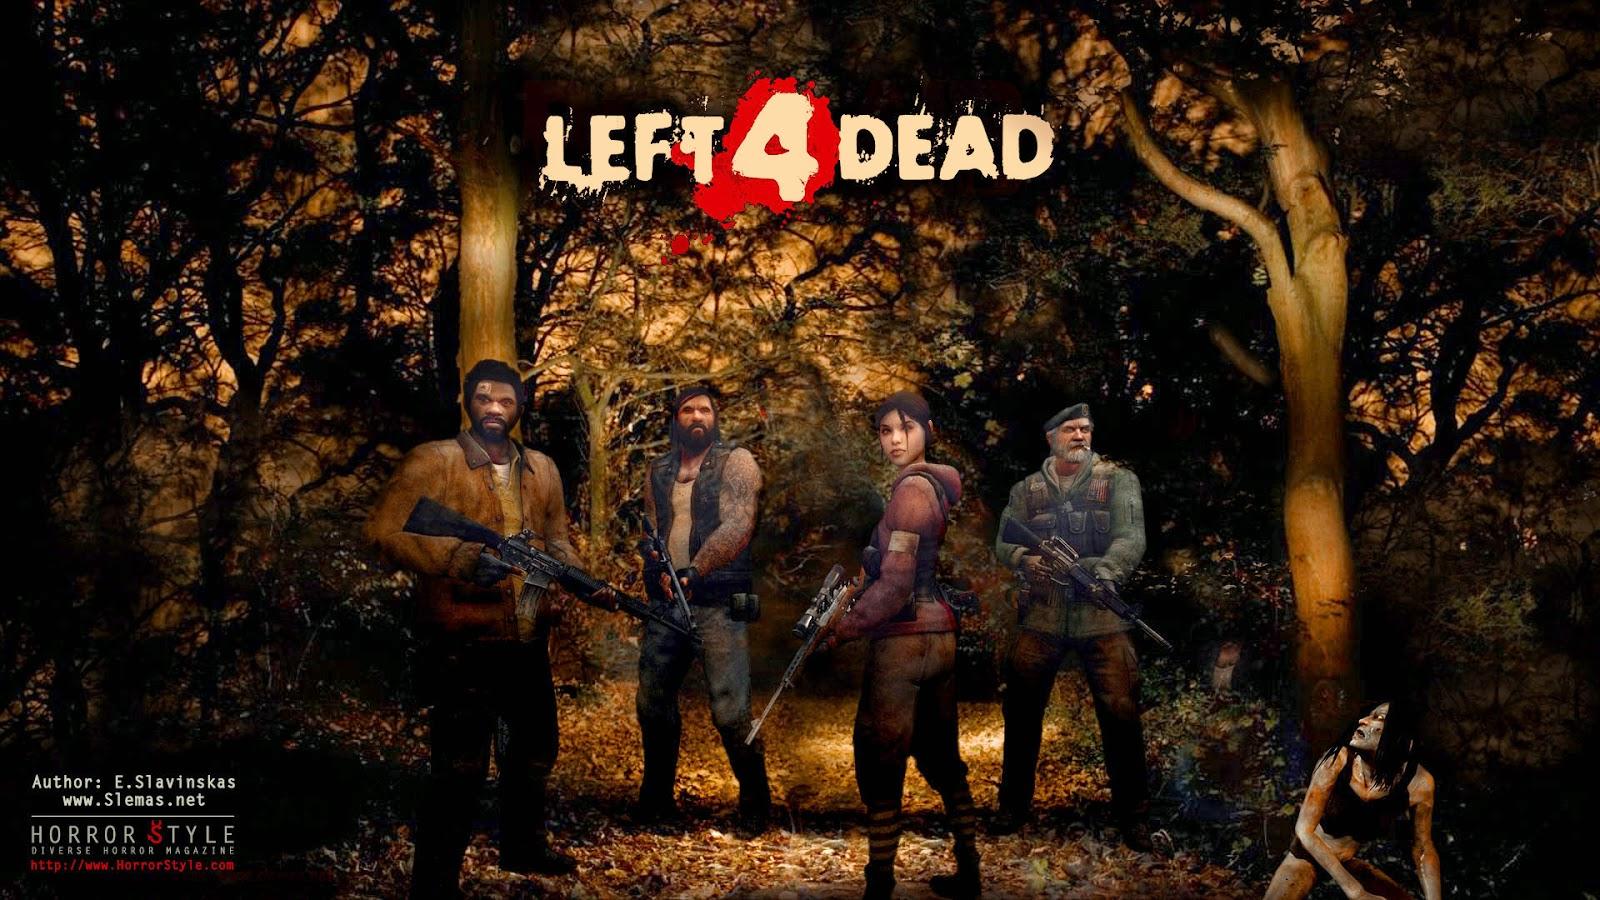 Left 4 dead update 1 0 0 6